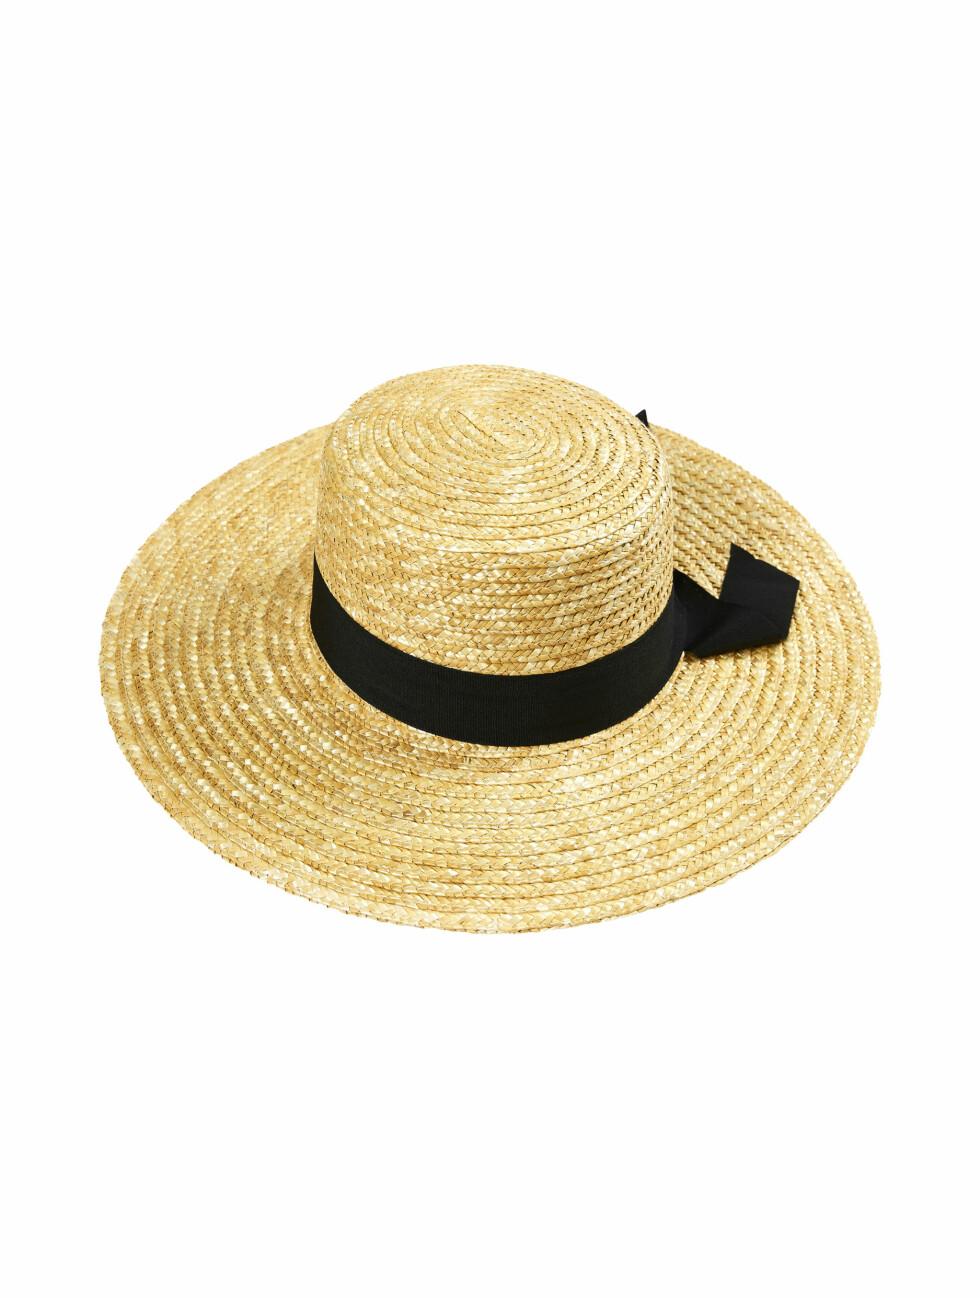 Hatt fra Cubus |149,-| https://cubus.com/no/p/accessories/hatter/maddox-strahatt/7217610_F812